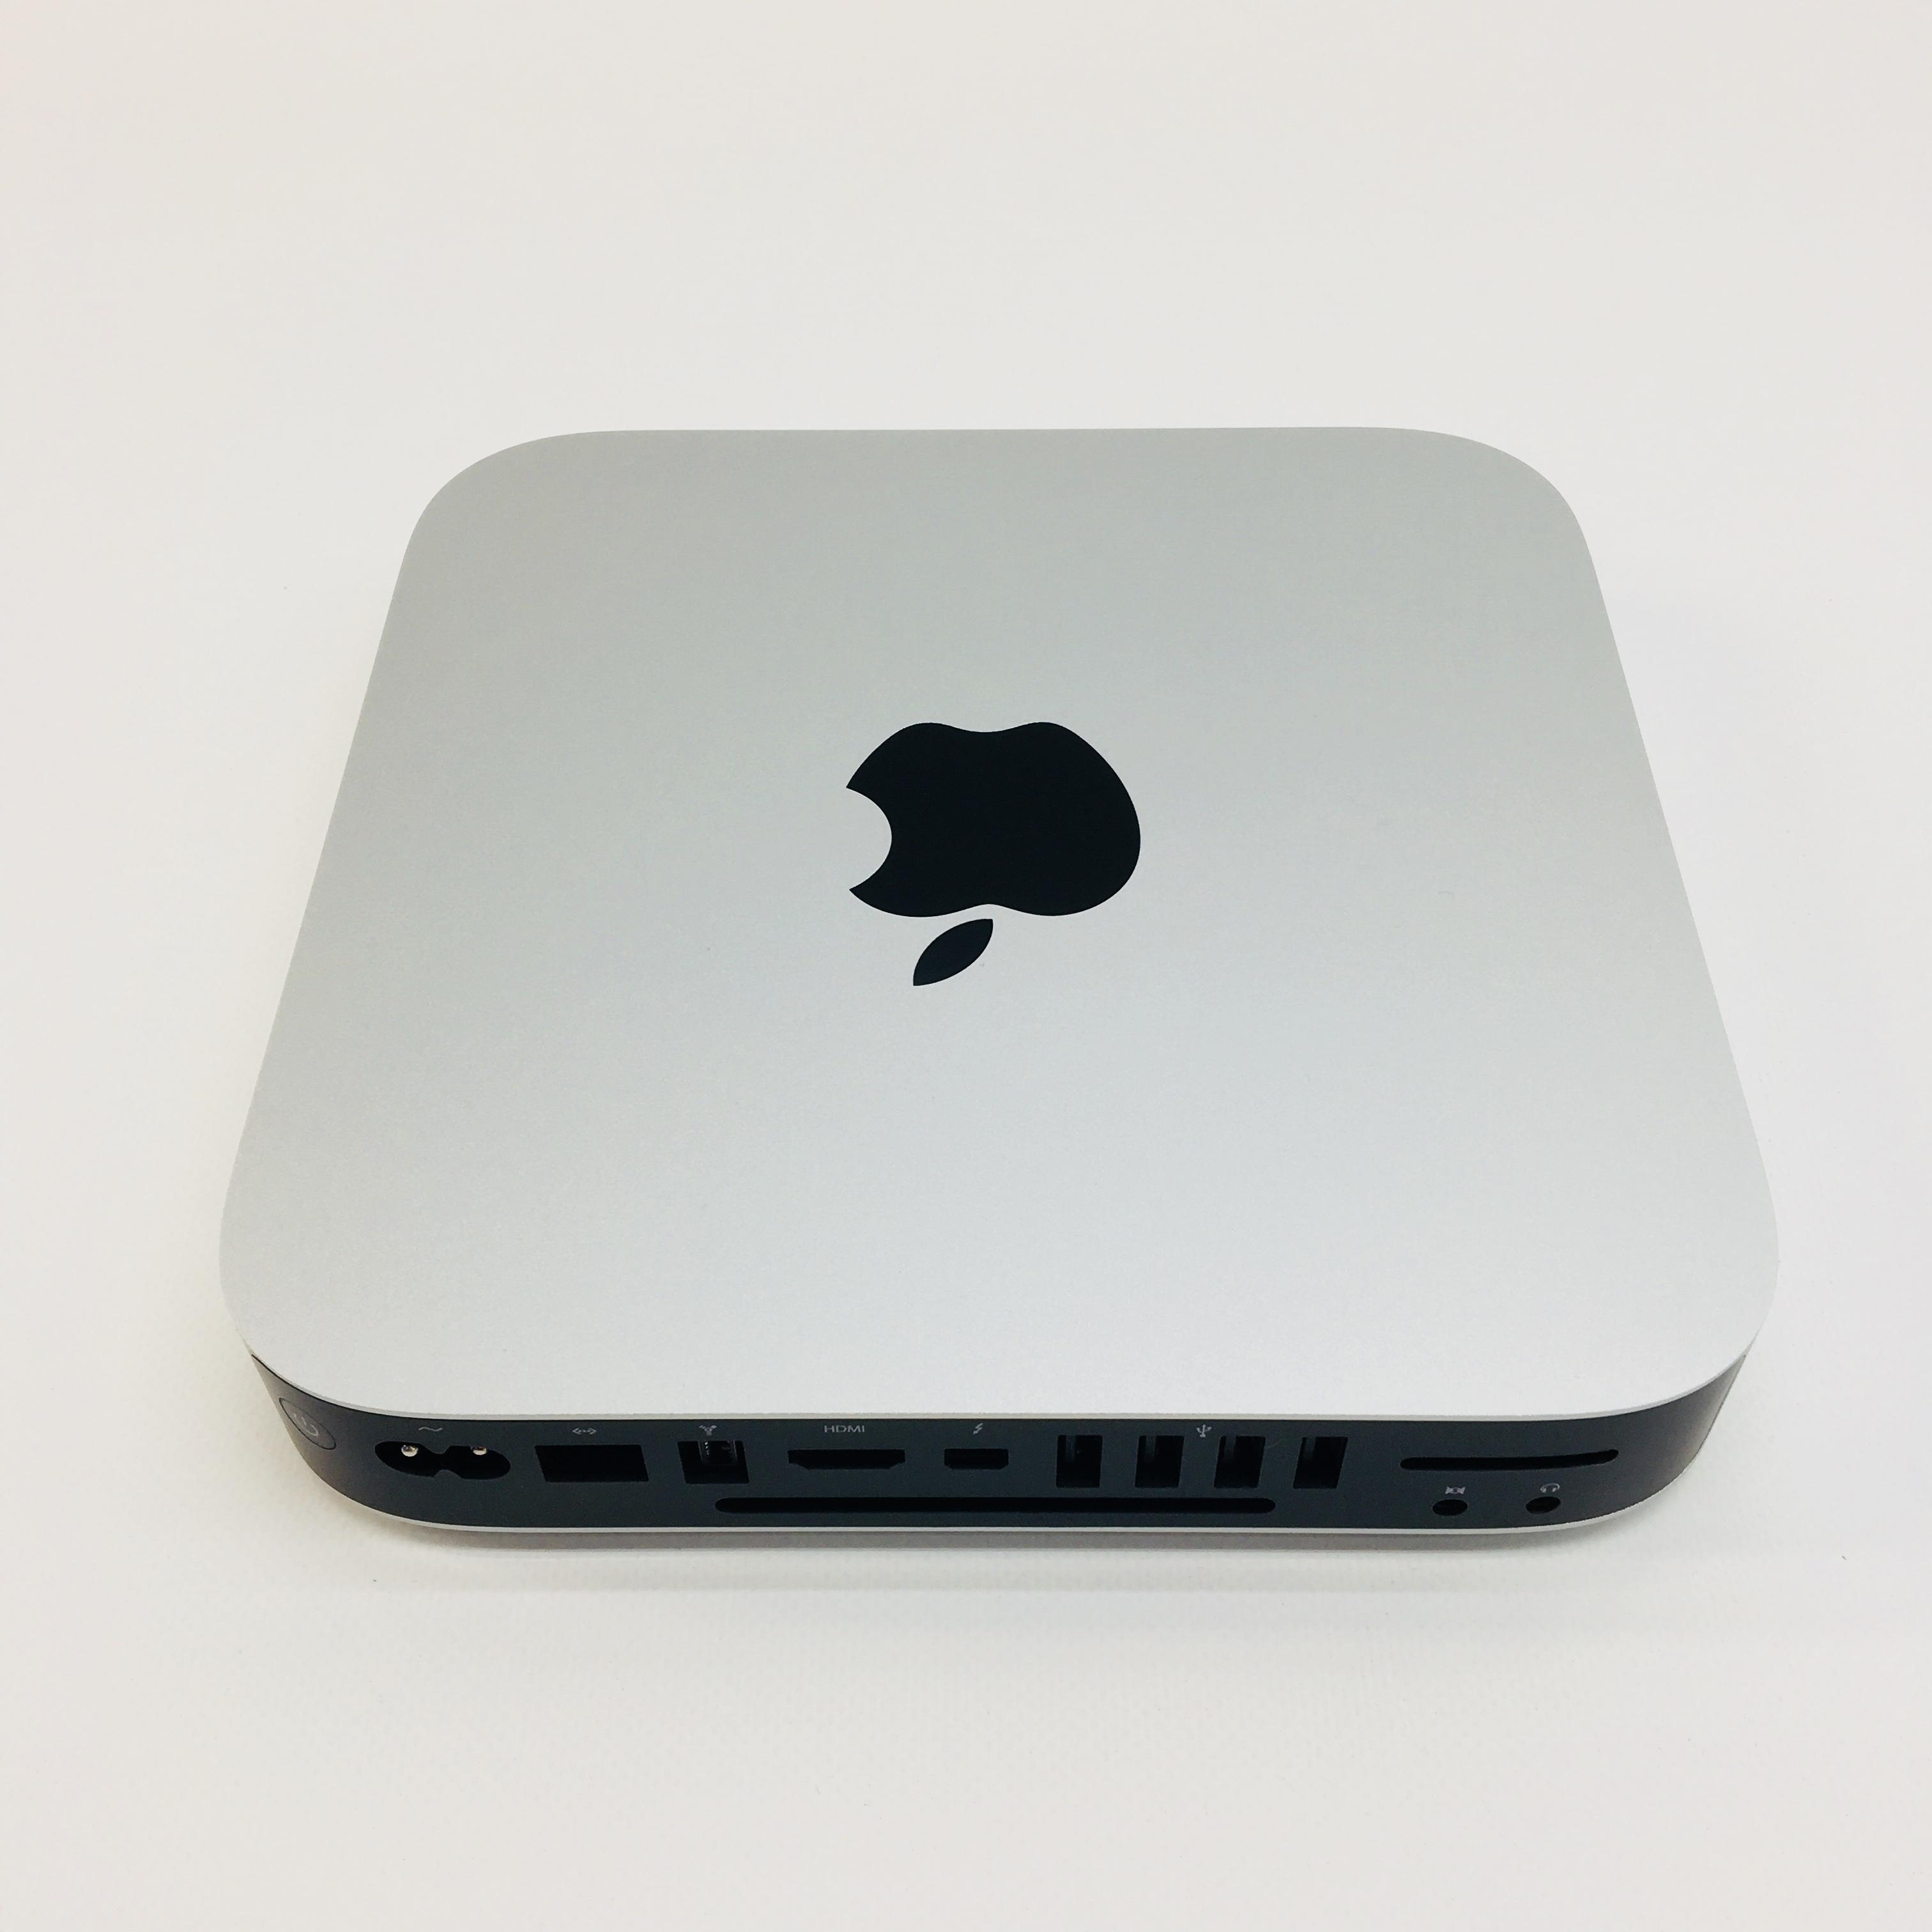 Mac Mini Late 2012 (Intel Core i5 2.5 GHz 4 GB RAM 500 GB HDD), Intel Core i5 2.5 GHz, 16 GB RAM (NEW), 512 GB SSD (NEW), image 2